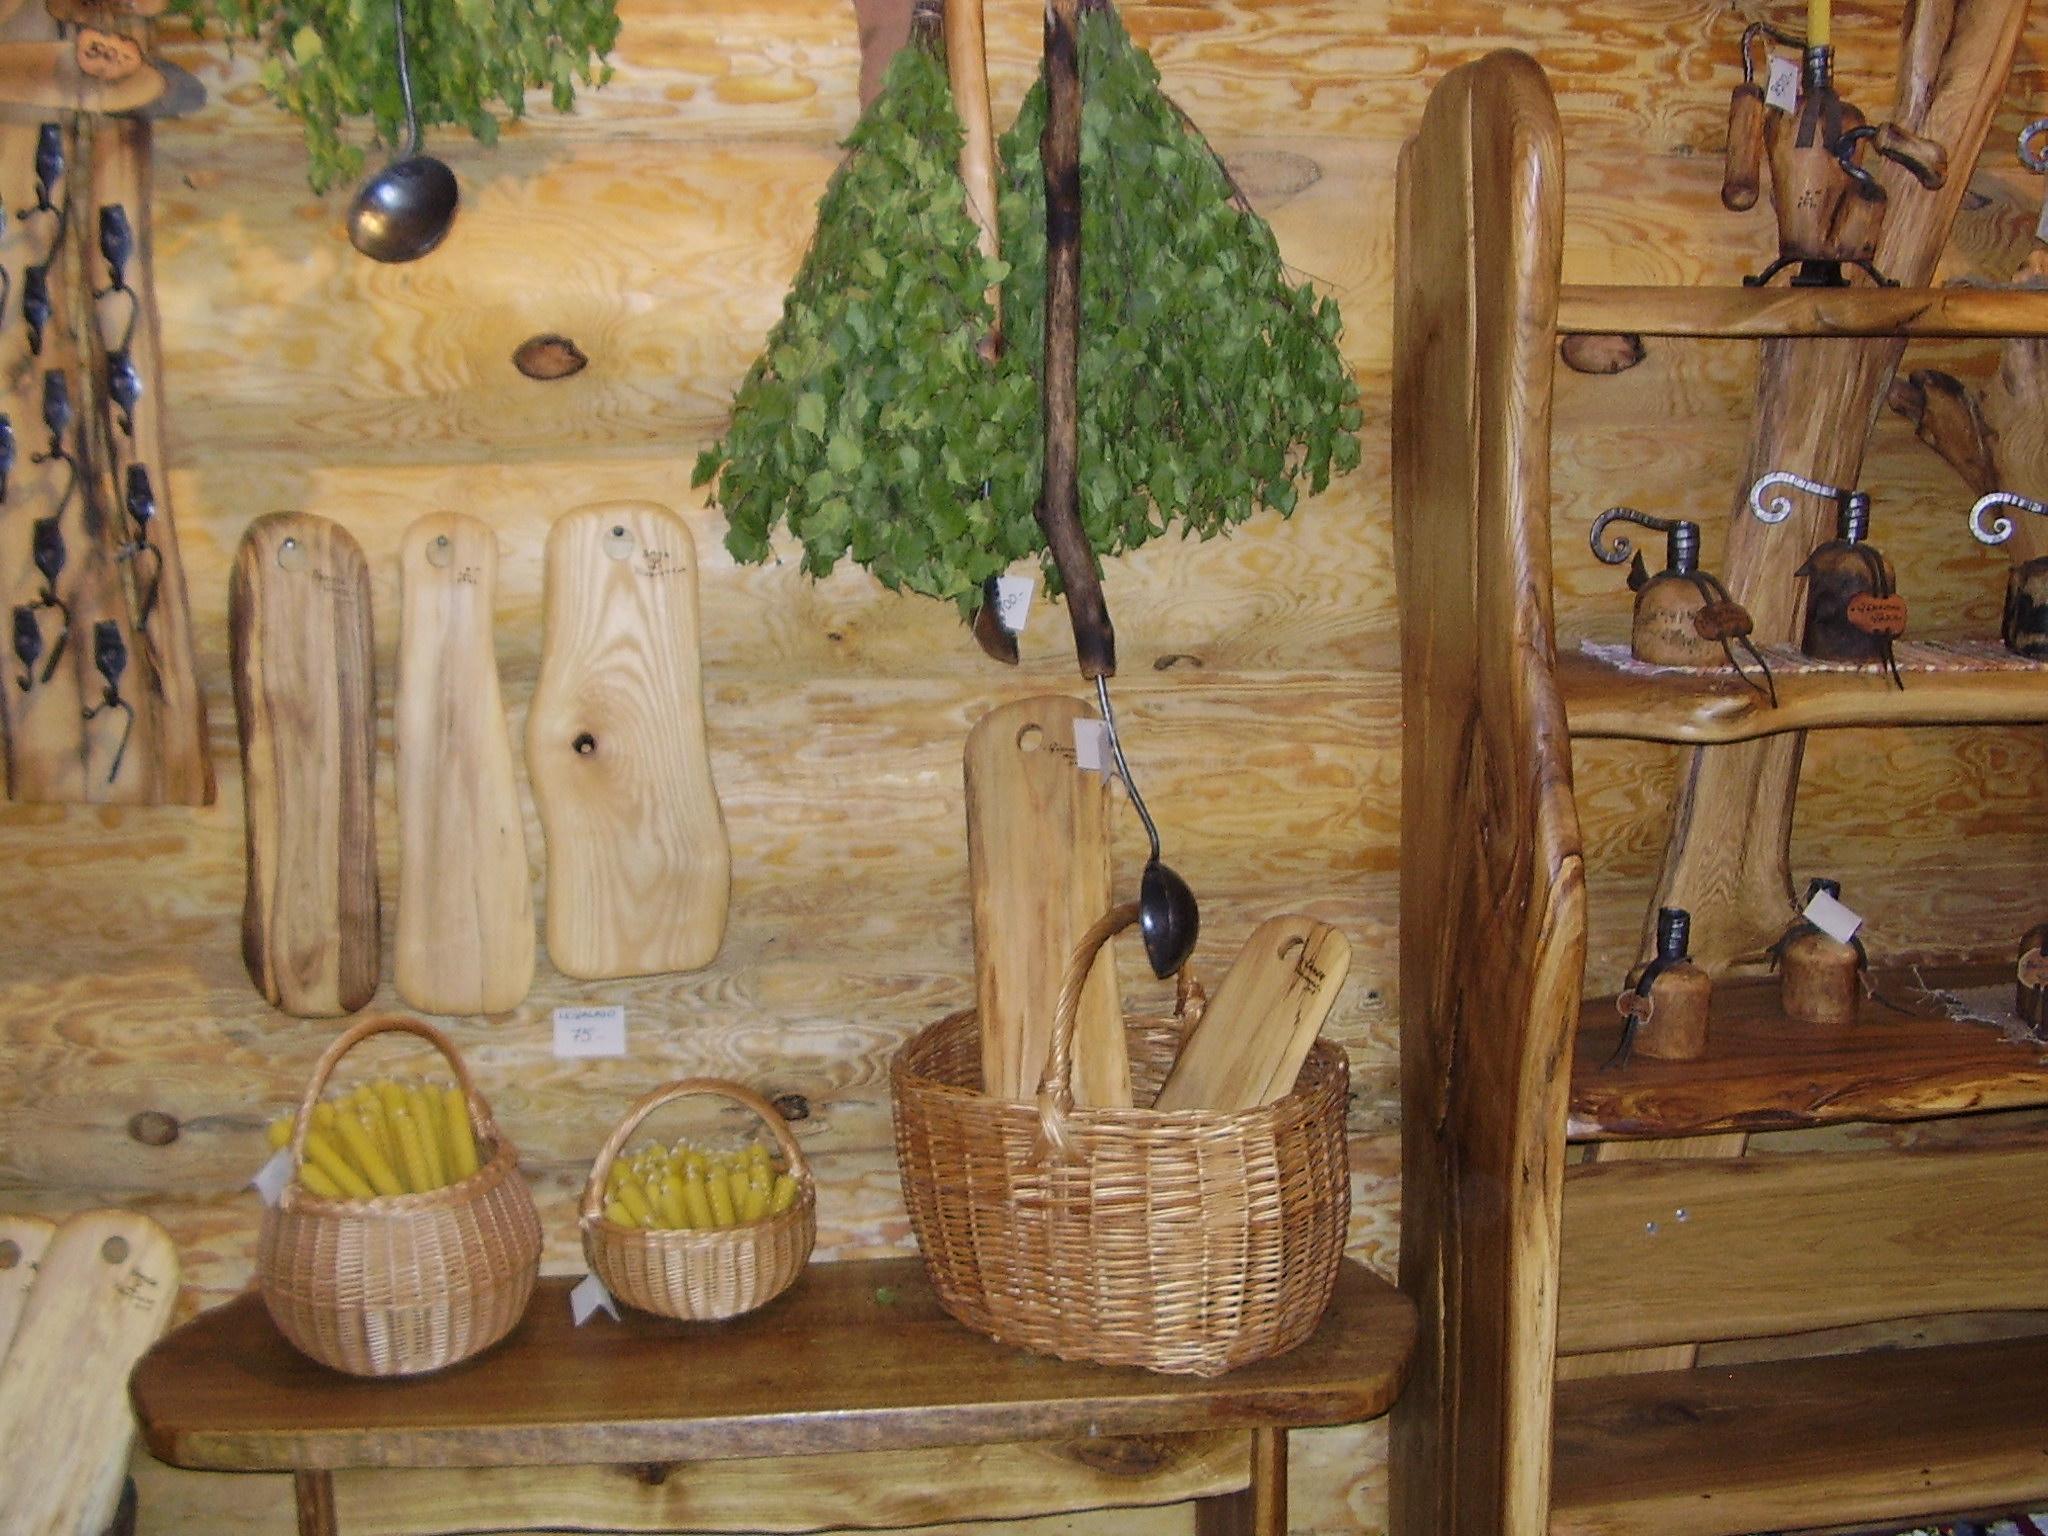 Rõuges turistidele müüdavad saunavihad, lõikelauad ja küünlad. Foto: Maarja Kaaristo